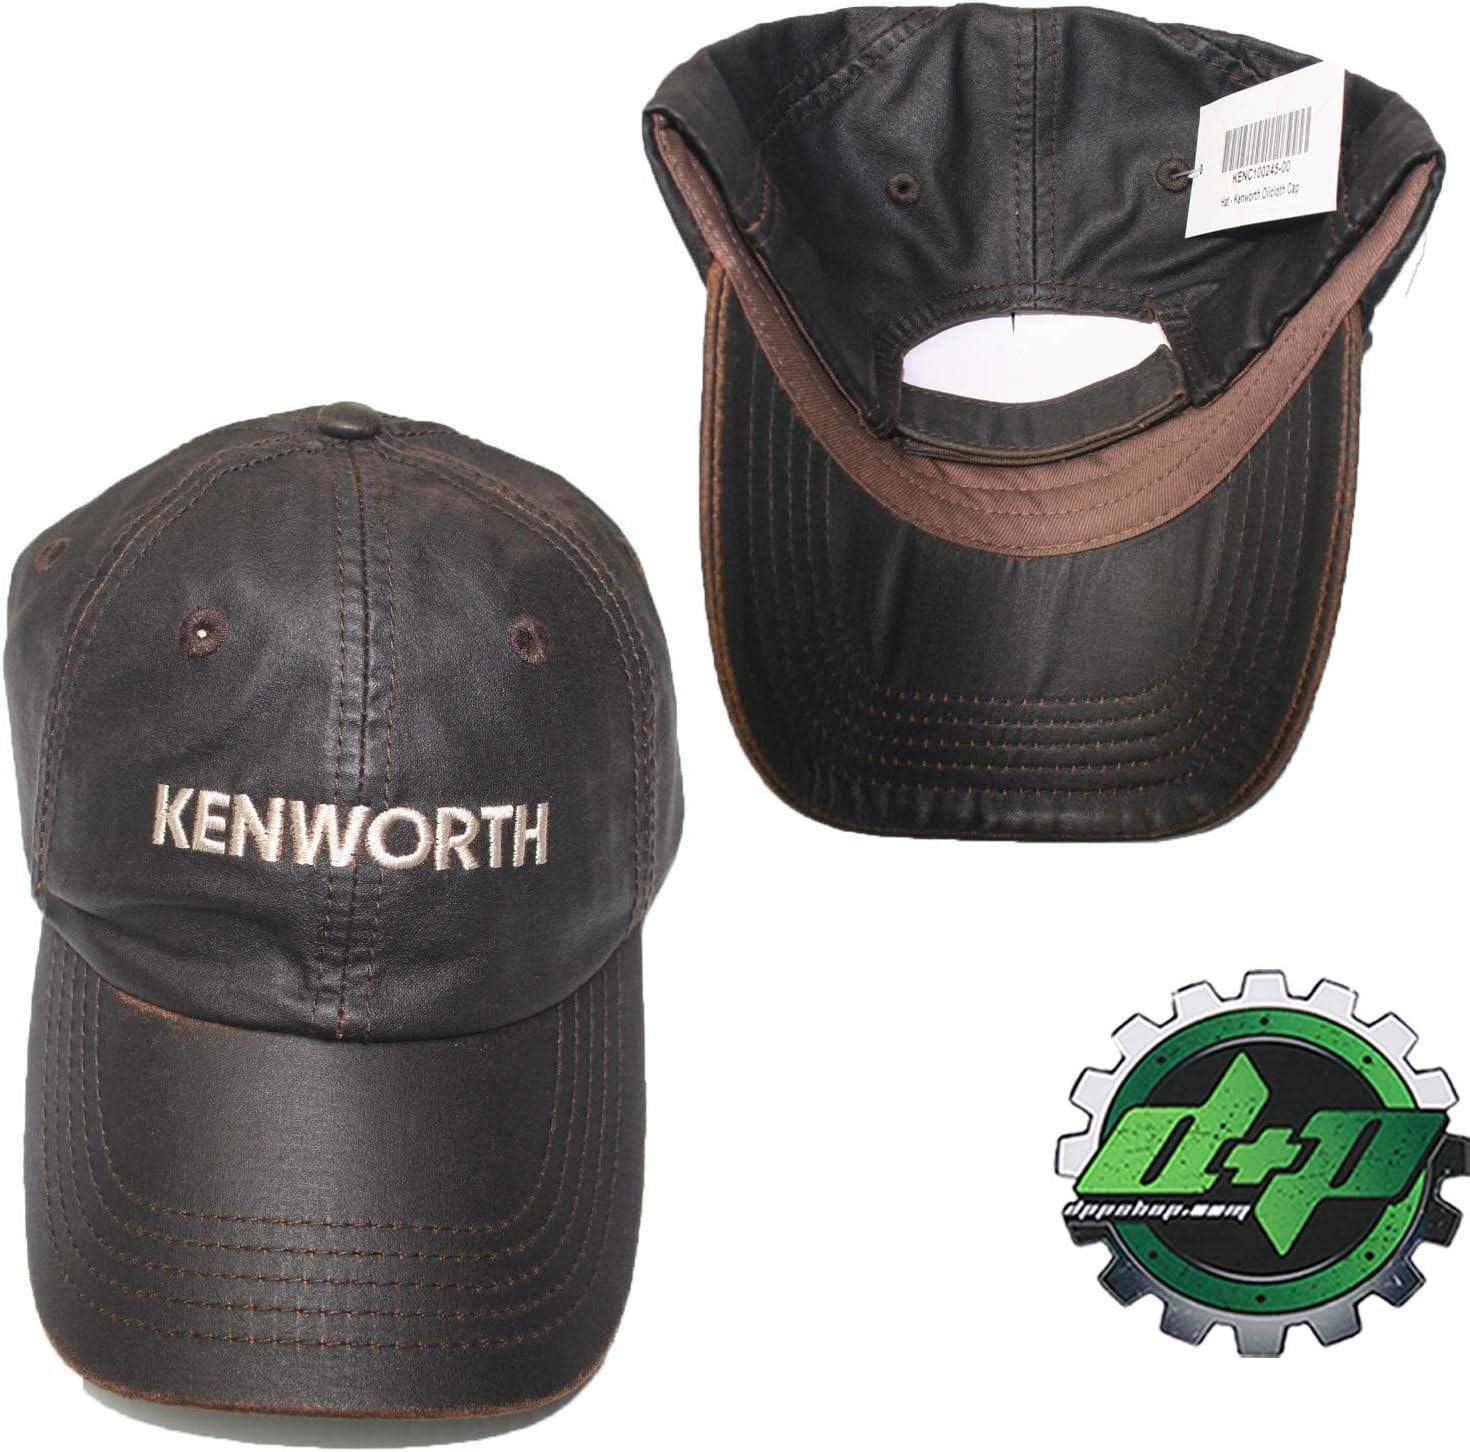 kenworth base ball cap KW tractor semi diesel trucker hat ballcap gear truck new